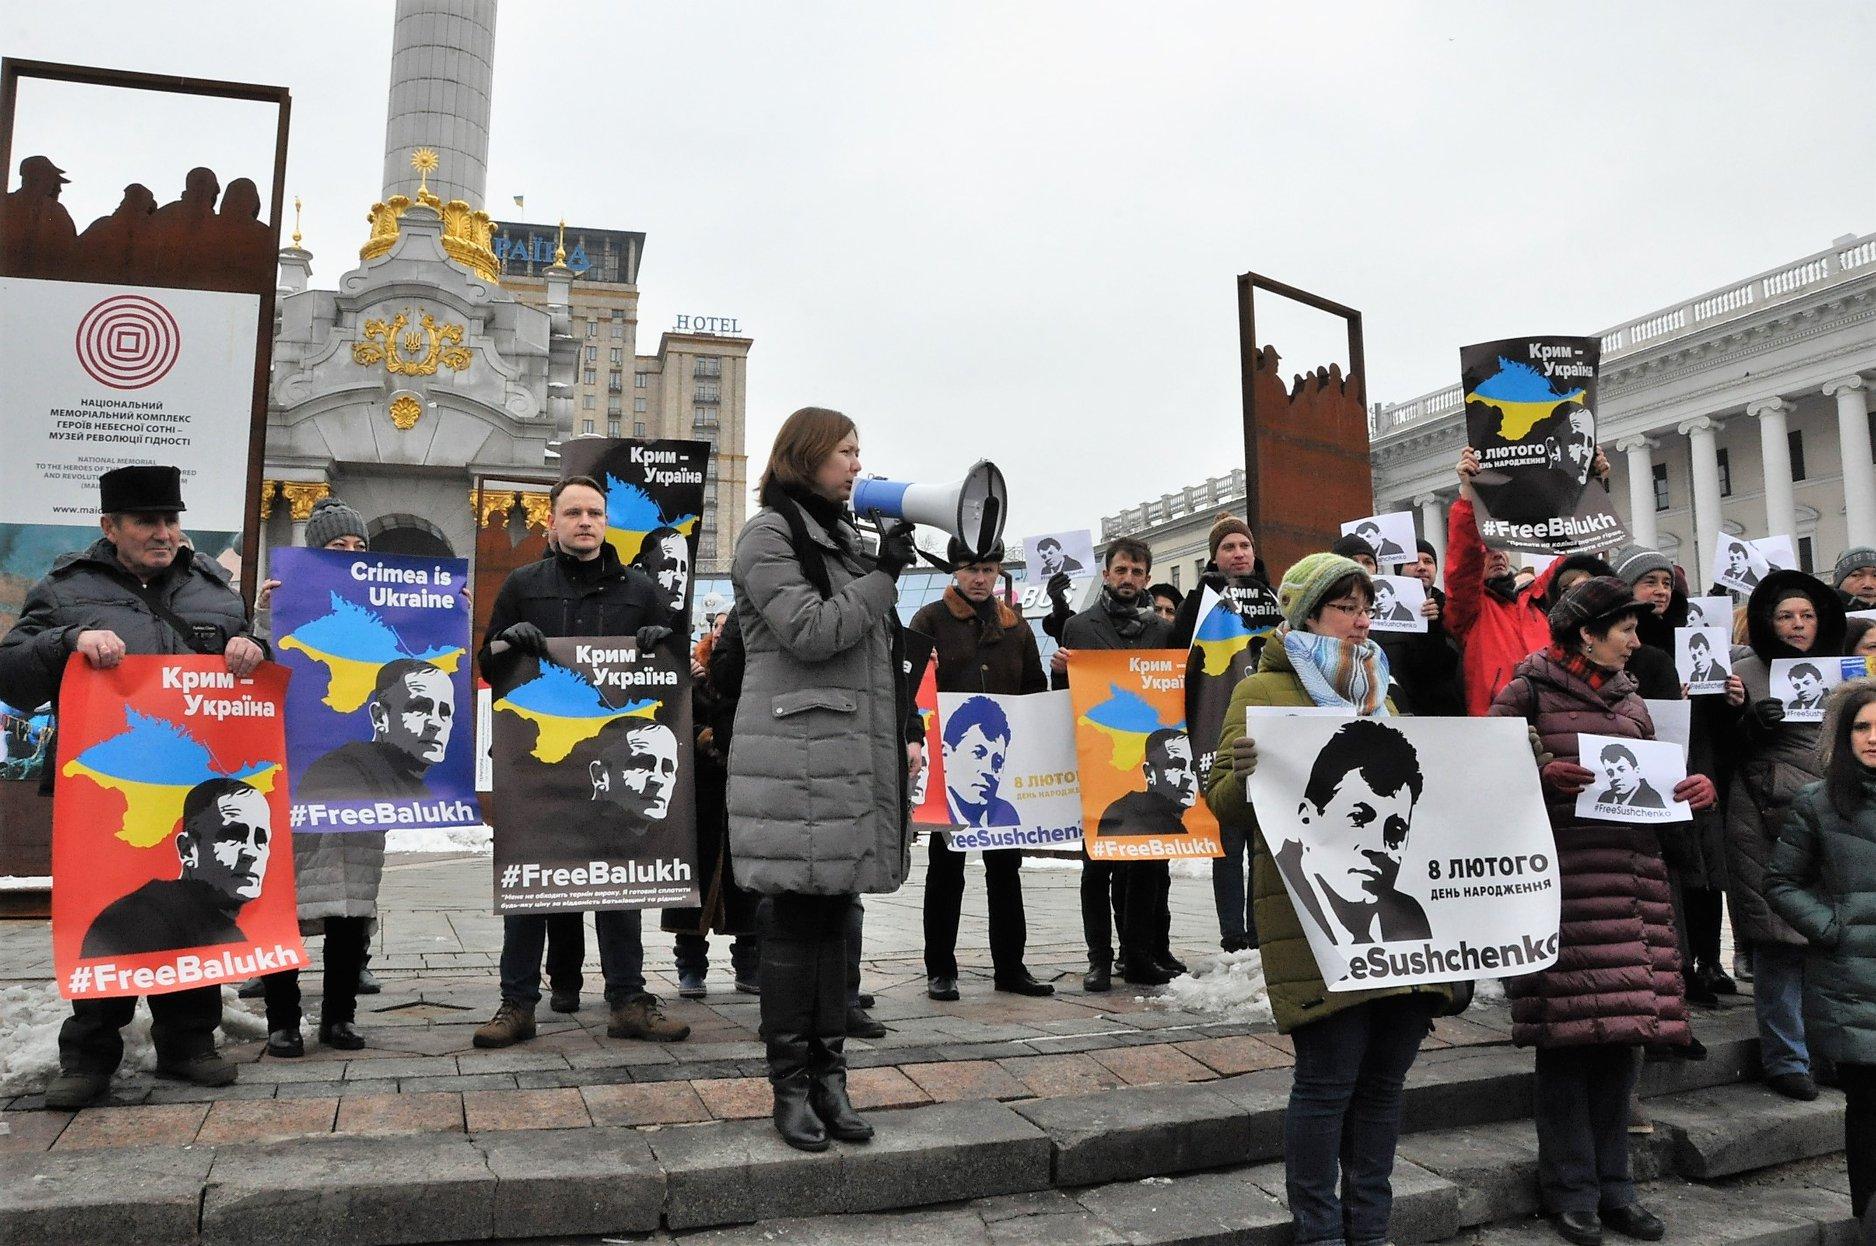 У Києві провели акцію на підтримку Володимира Балуха та Романа Сущенка